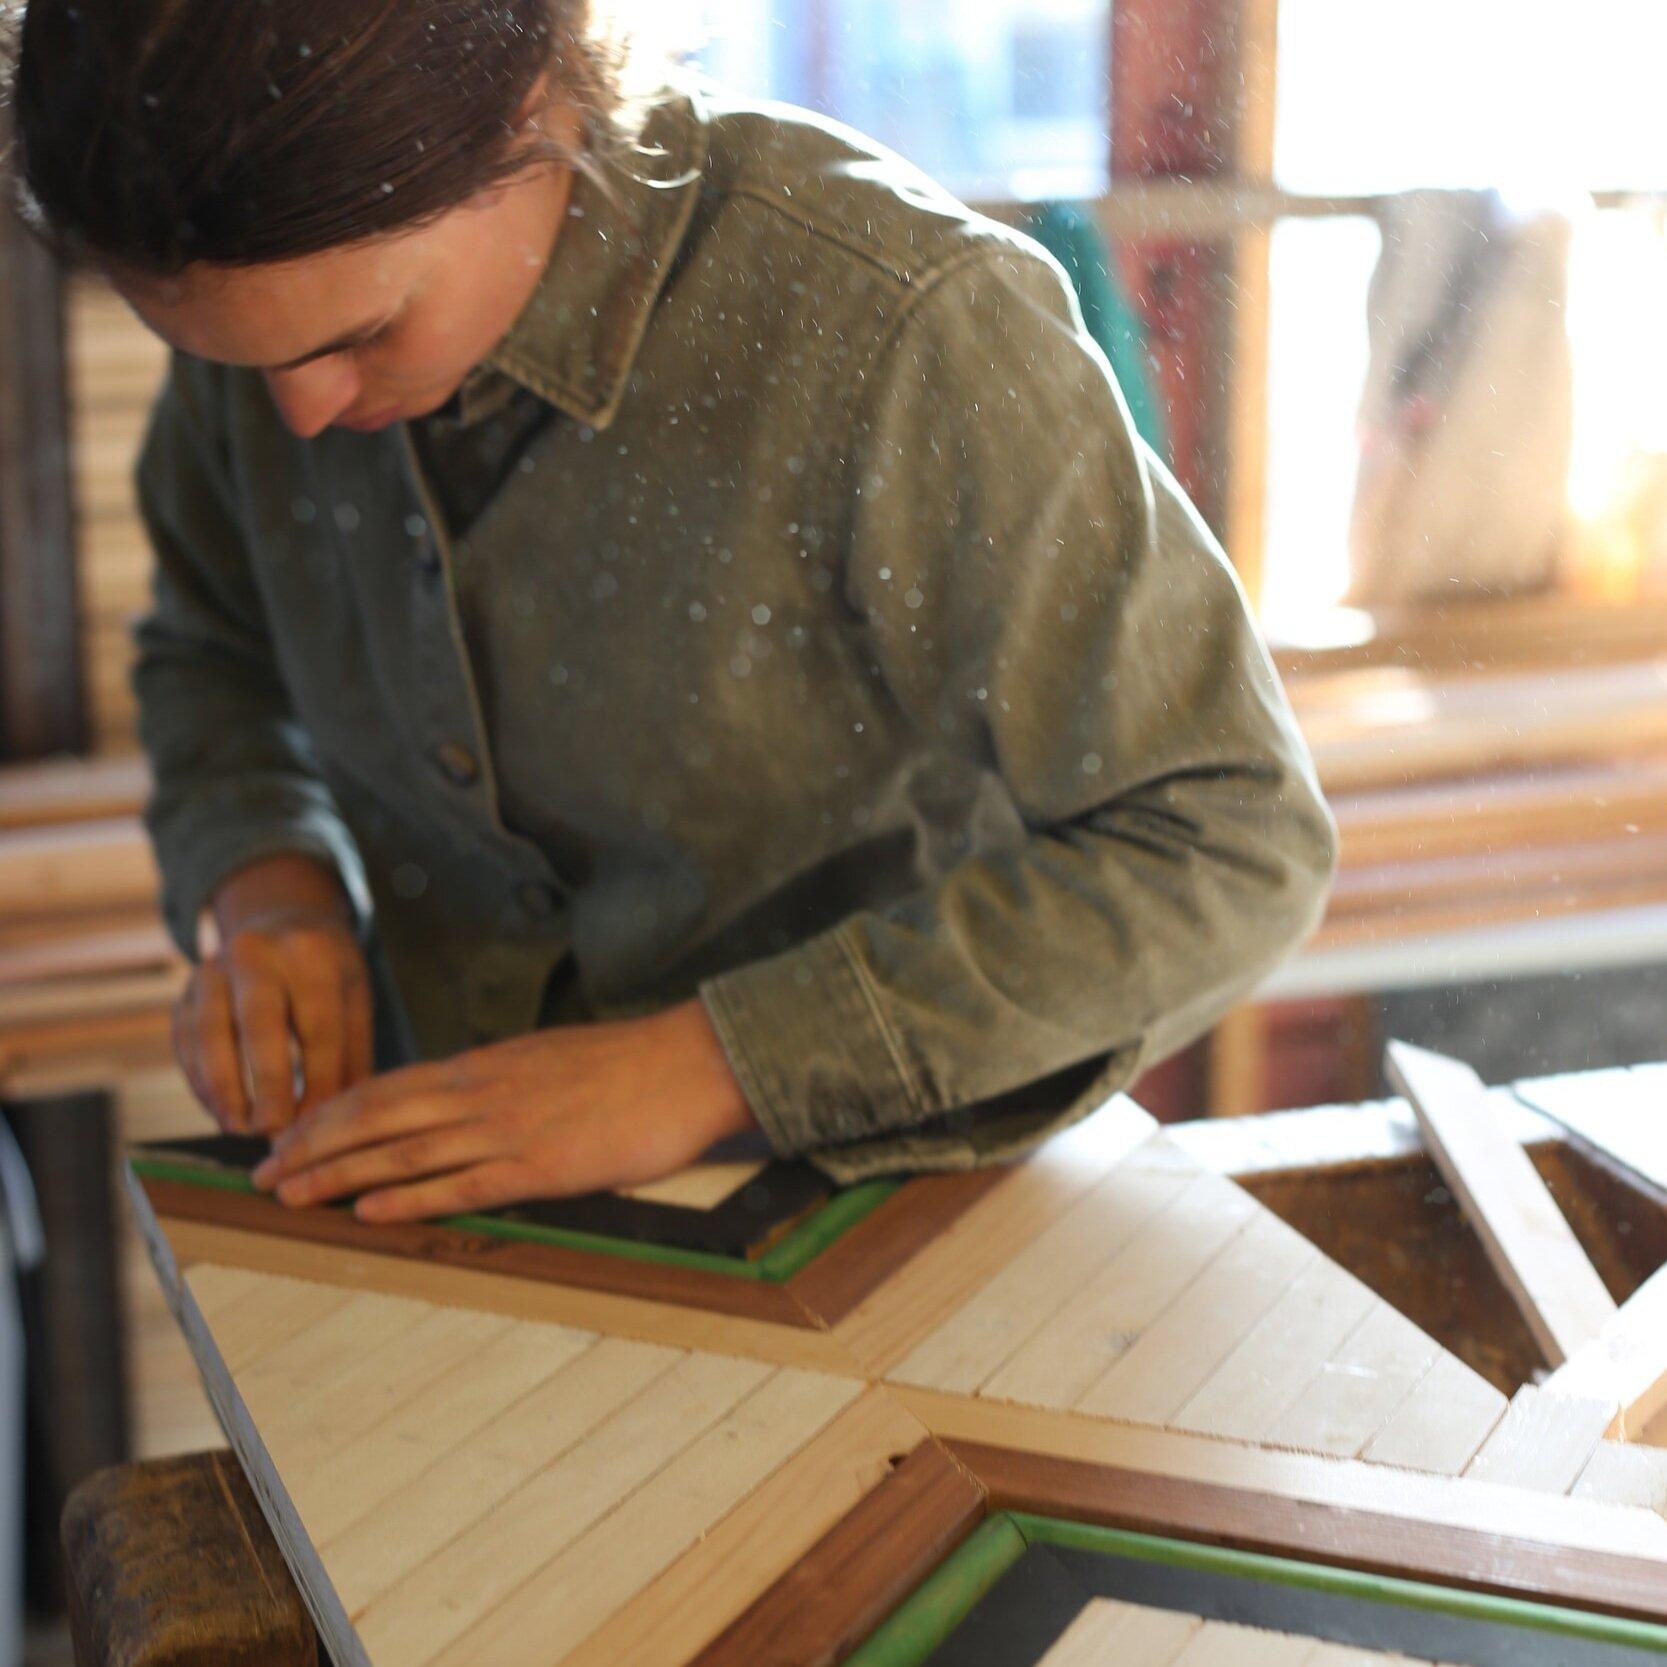 Geometric Wall Art - Een leuke en creatieve workshop voor alle niveaus! Samen knutselen en puzzelen met (sloop)hout en naar huis gaan met een zelfgemaakt kunstwerk voor aan de muur.